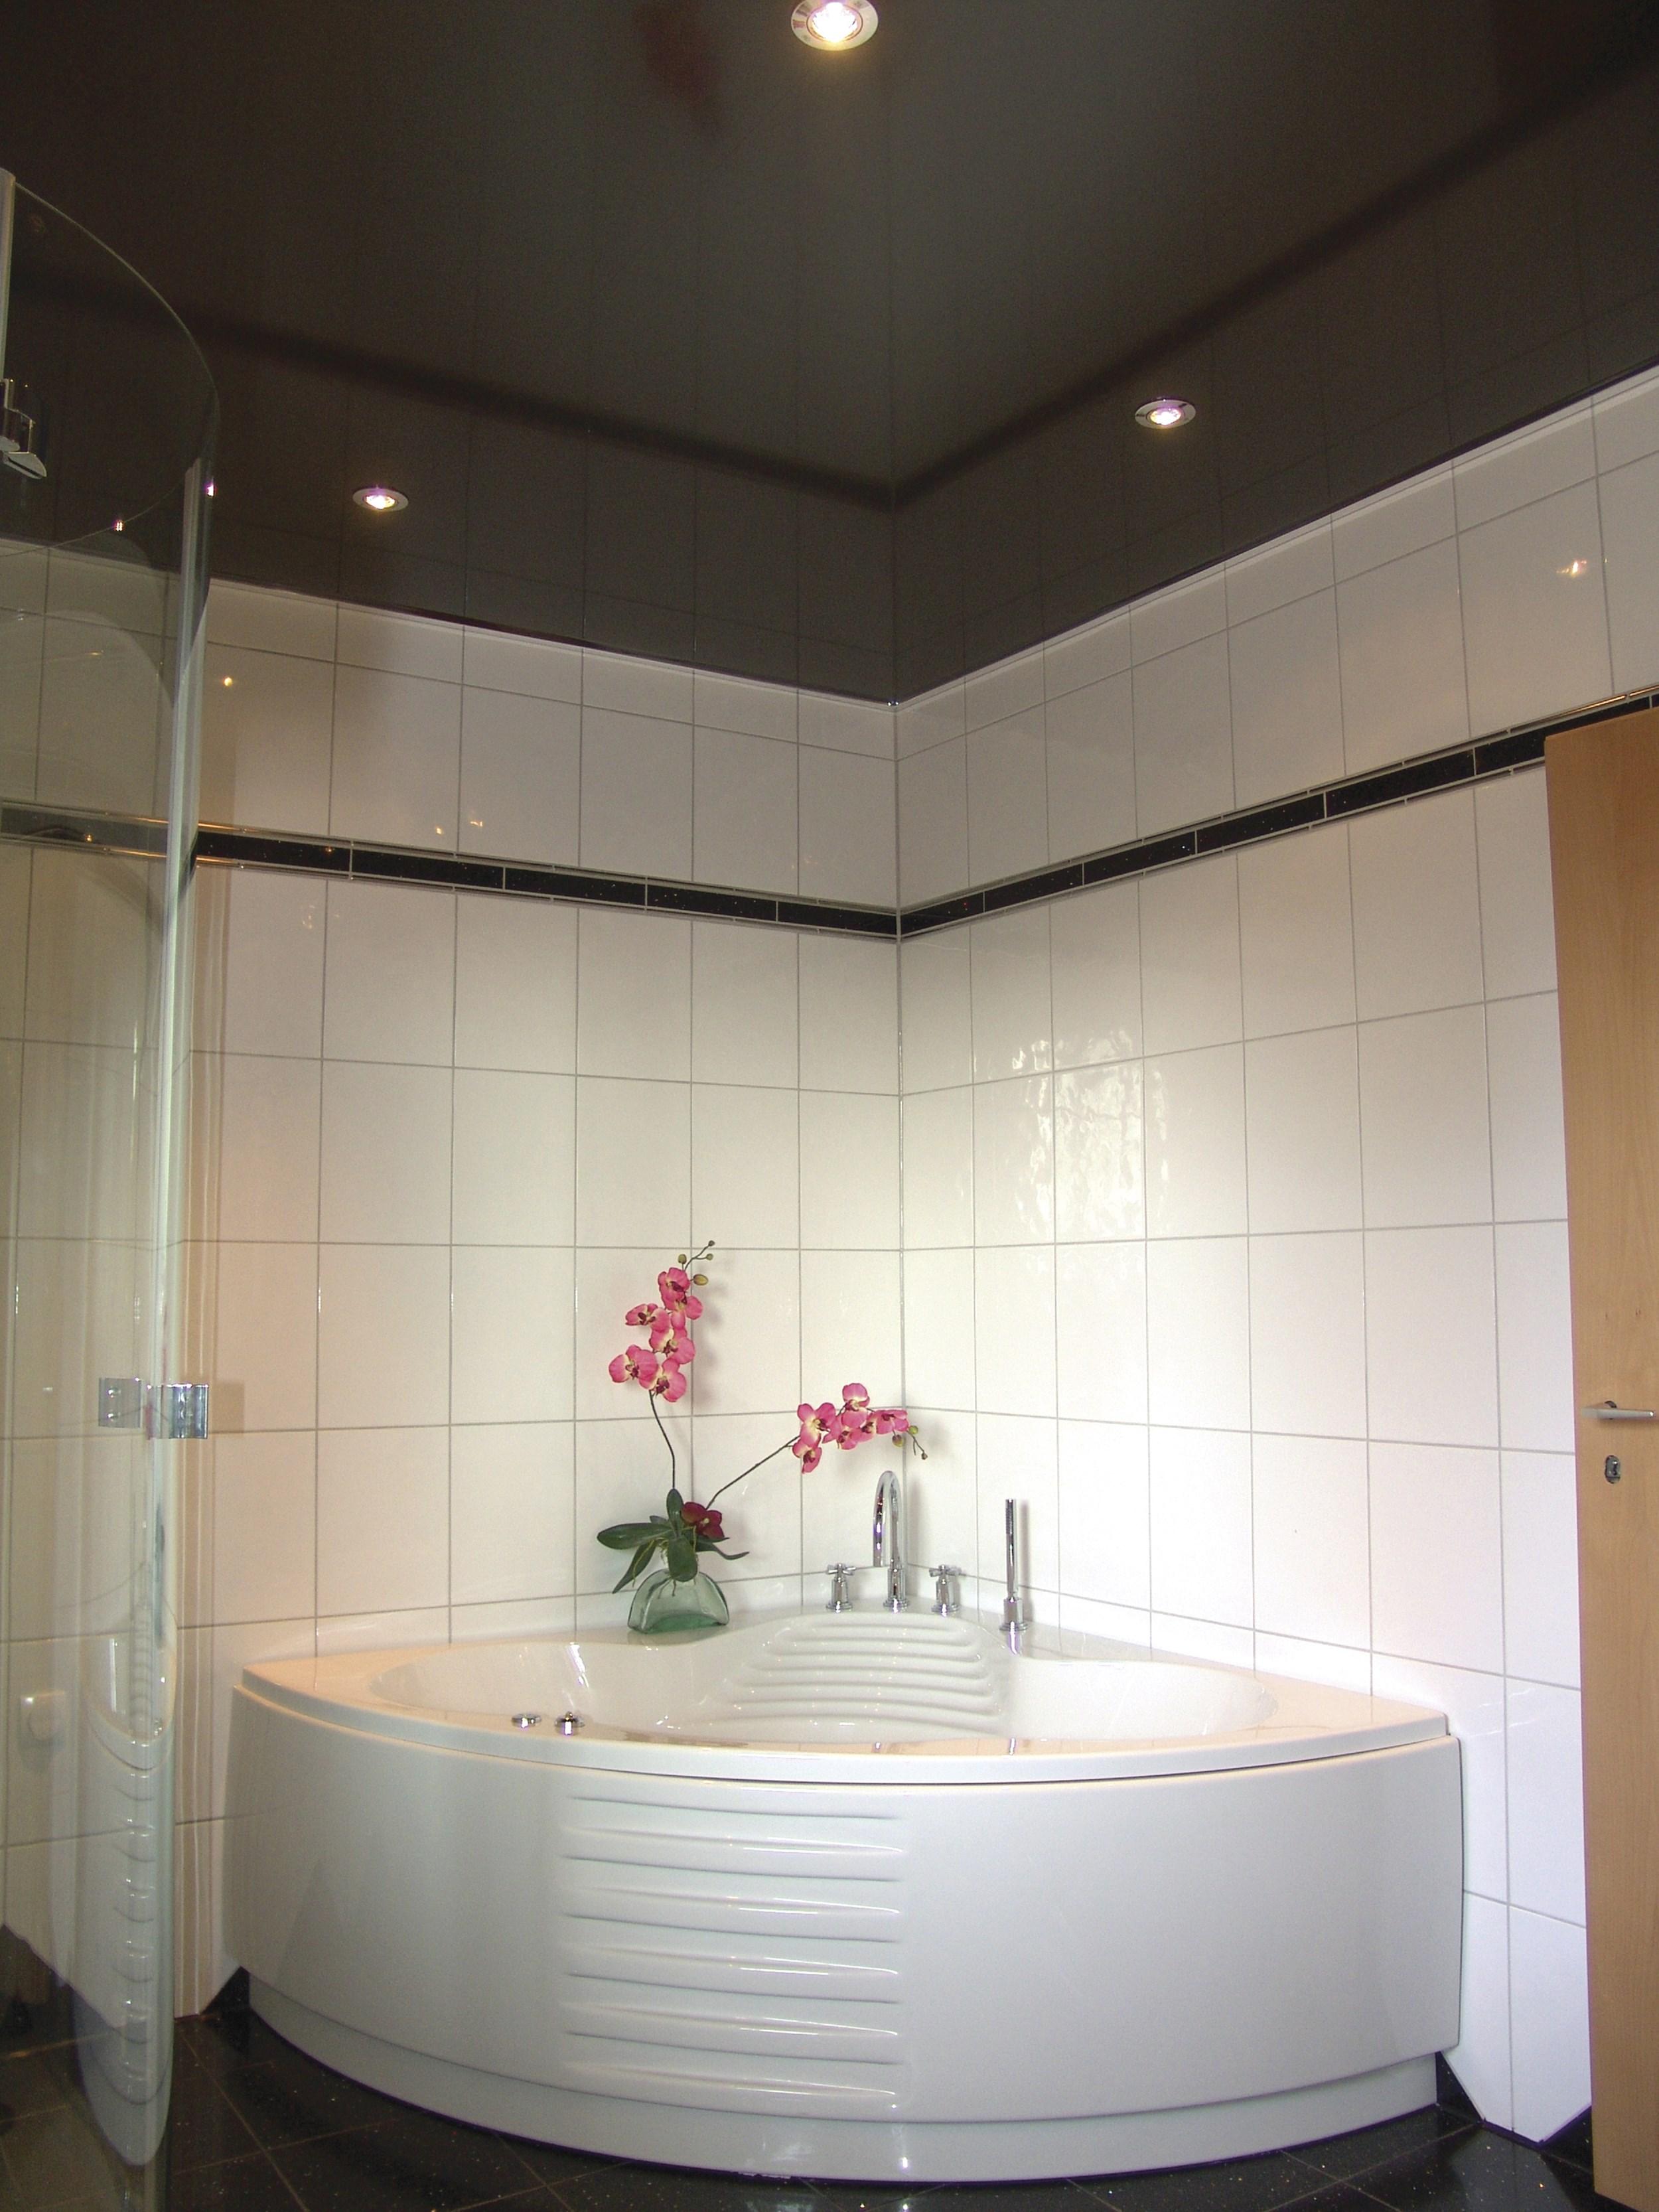 kundenbeispiele deckenrenovierung portas schweiz renovierung. Black Bedroom Furniture Sets. Home Design Ideas